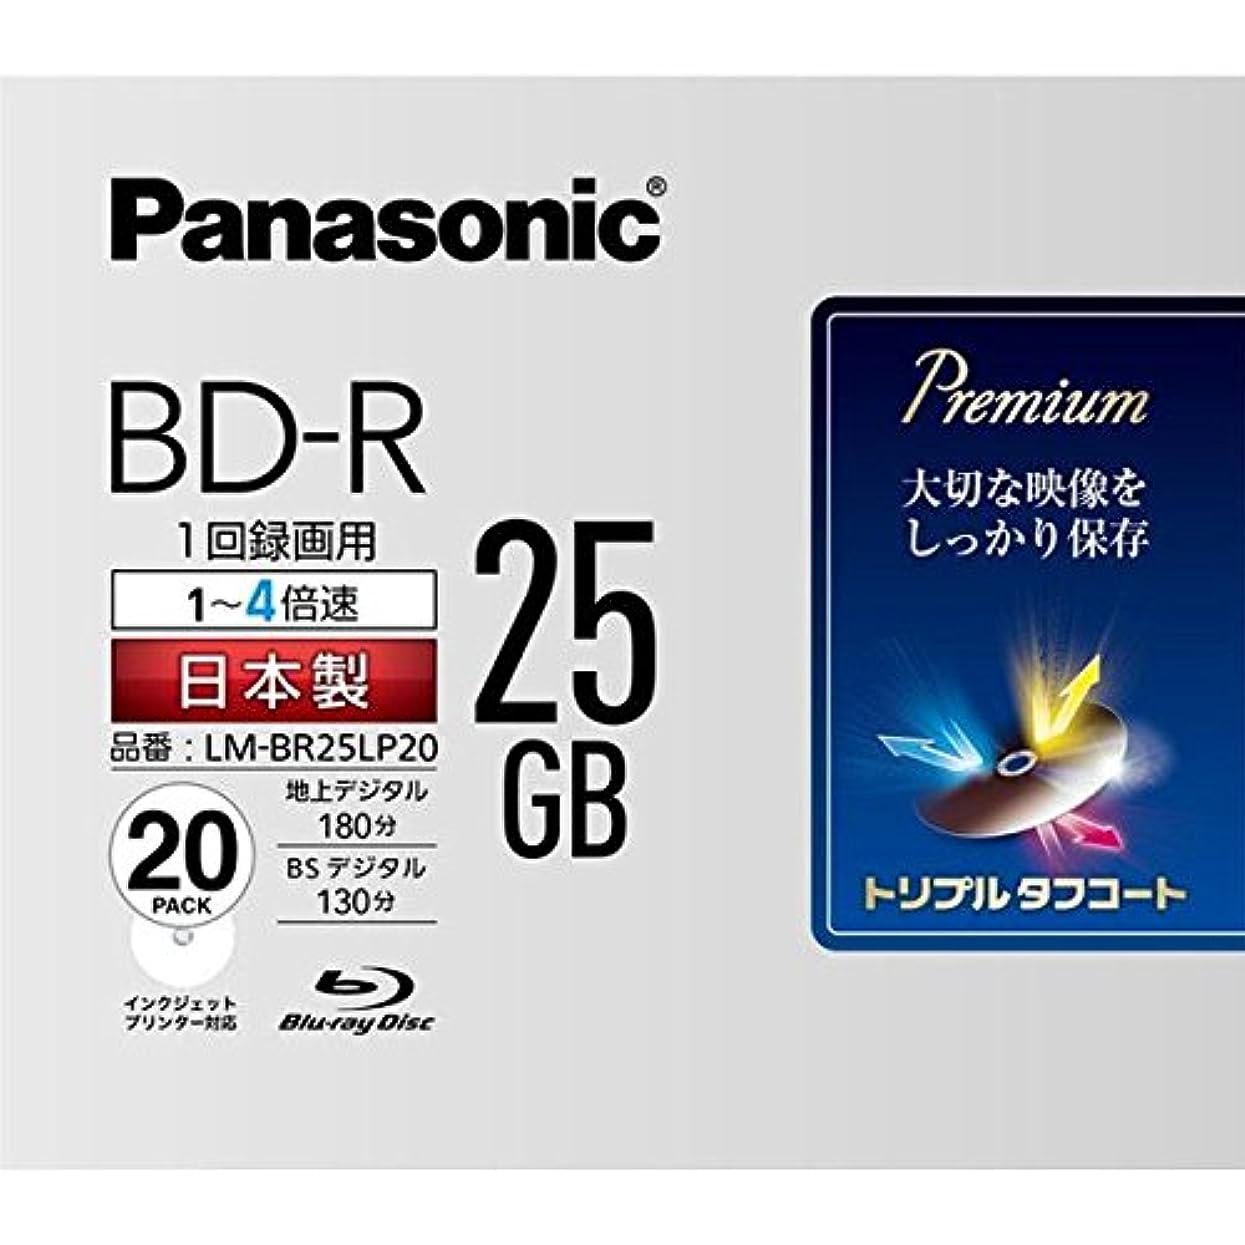 熟練したセグメント成熟三菱ケミカルメディア Verbatim 1回録画用DVD-R(CPRM) VHR12JP100V4 (片面1層/1-16倍速/100枚)